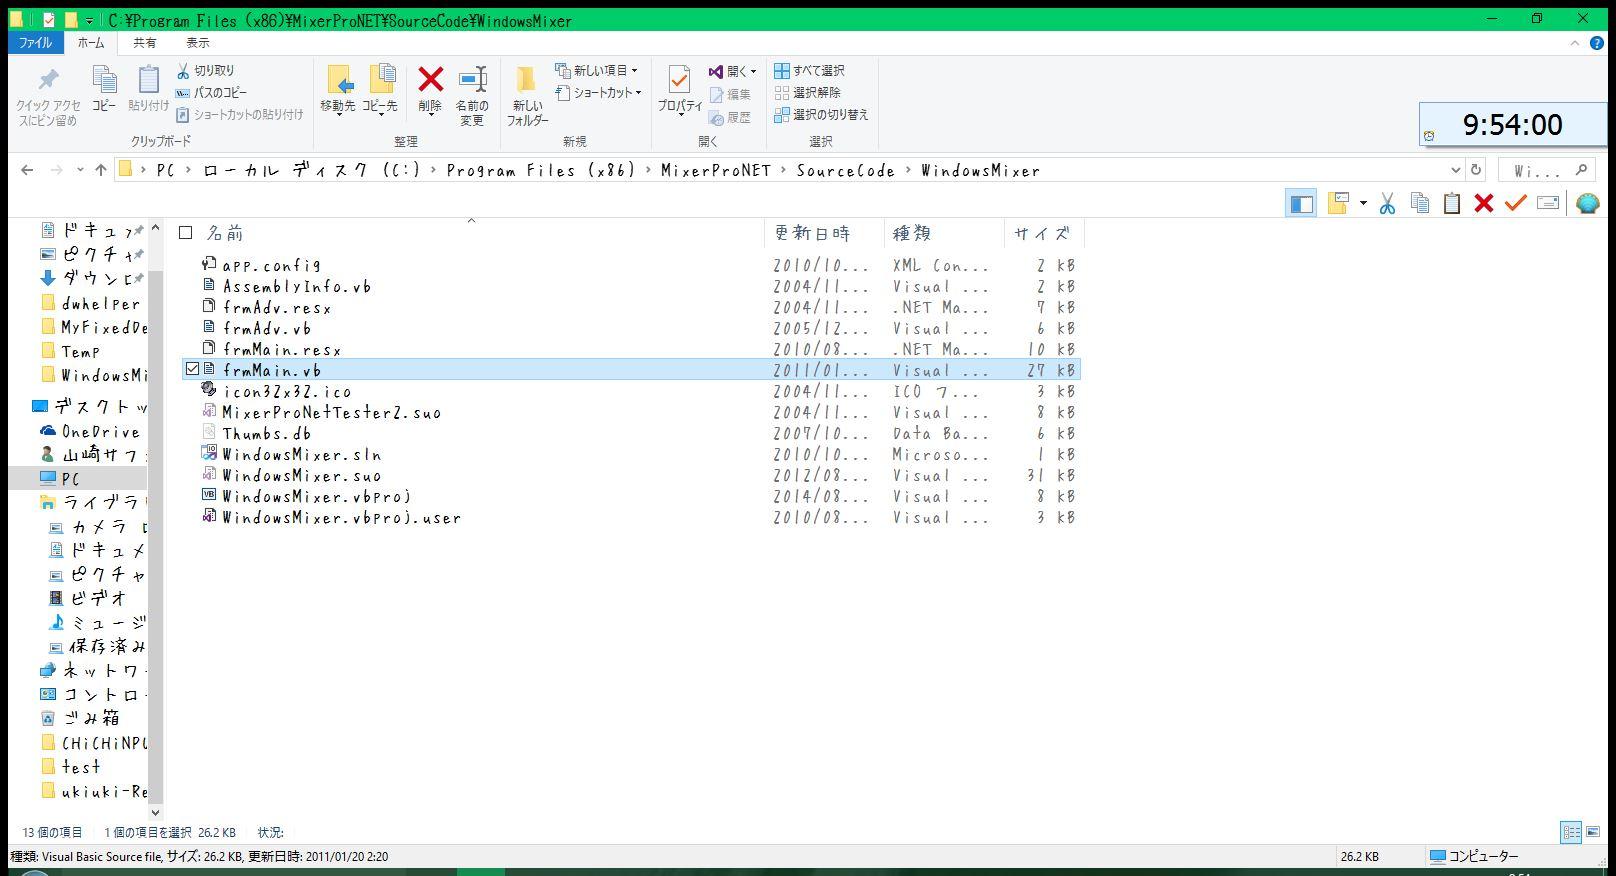 160_C__Program Files (x86)_MixerProNET_SourceCode_WindowsMixer